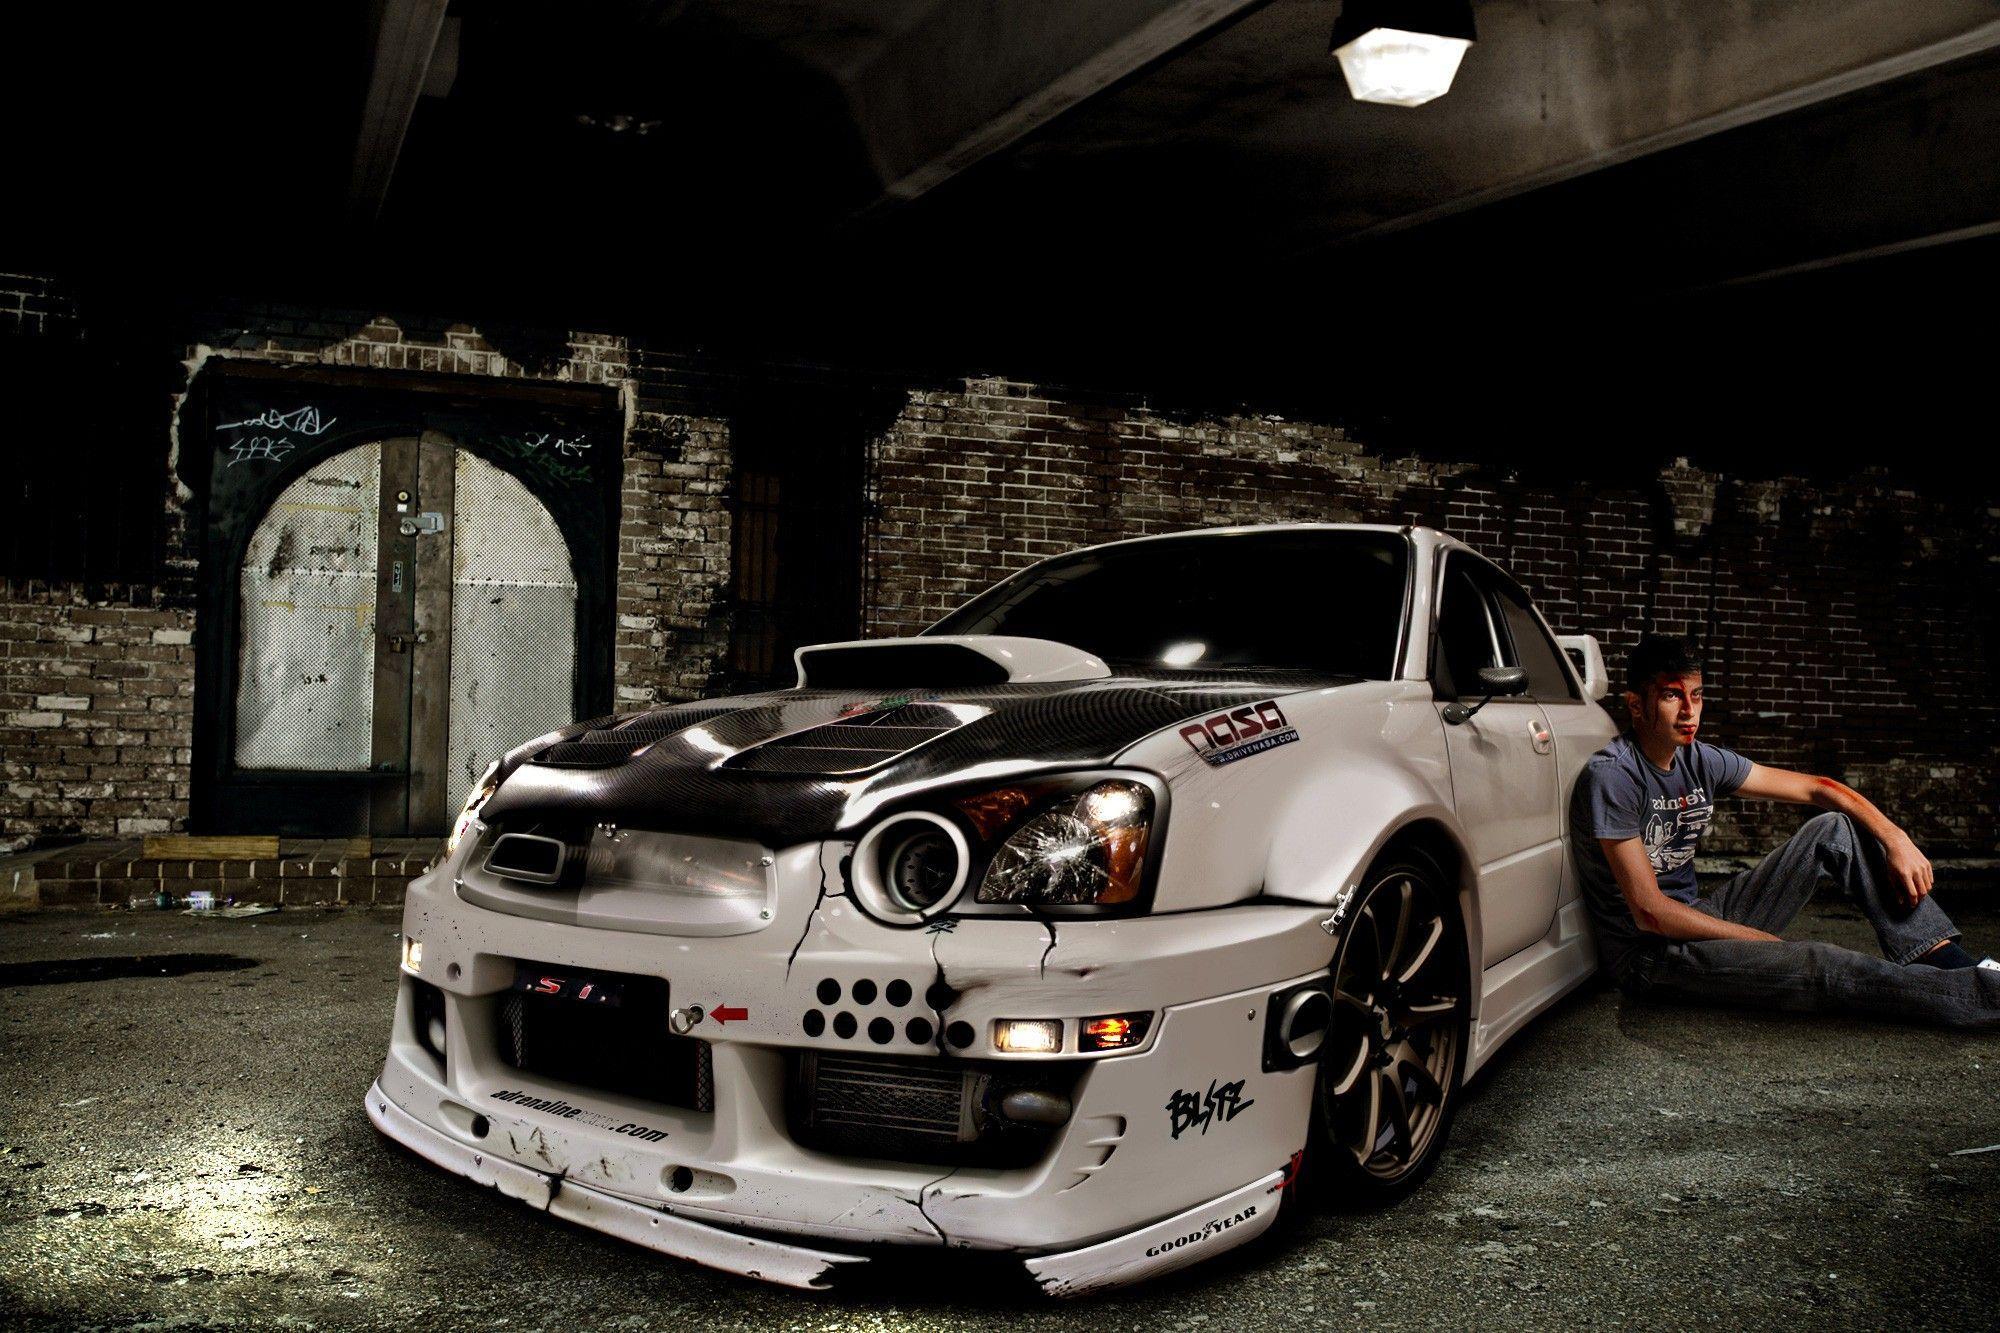 Japan Cars Wallpapers - Wallpaper Cave